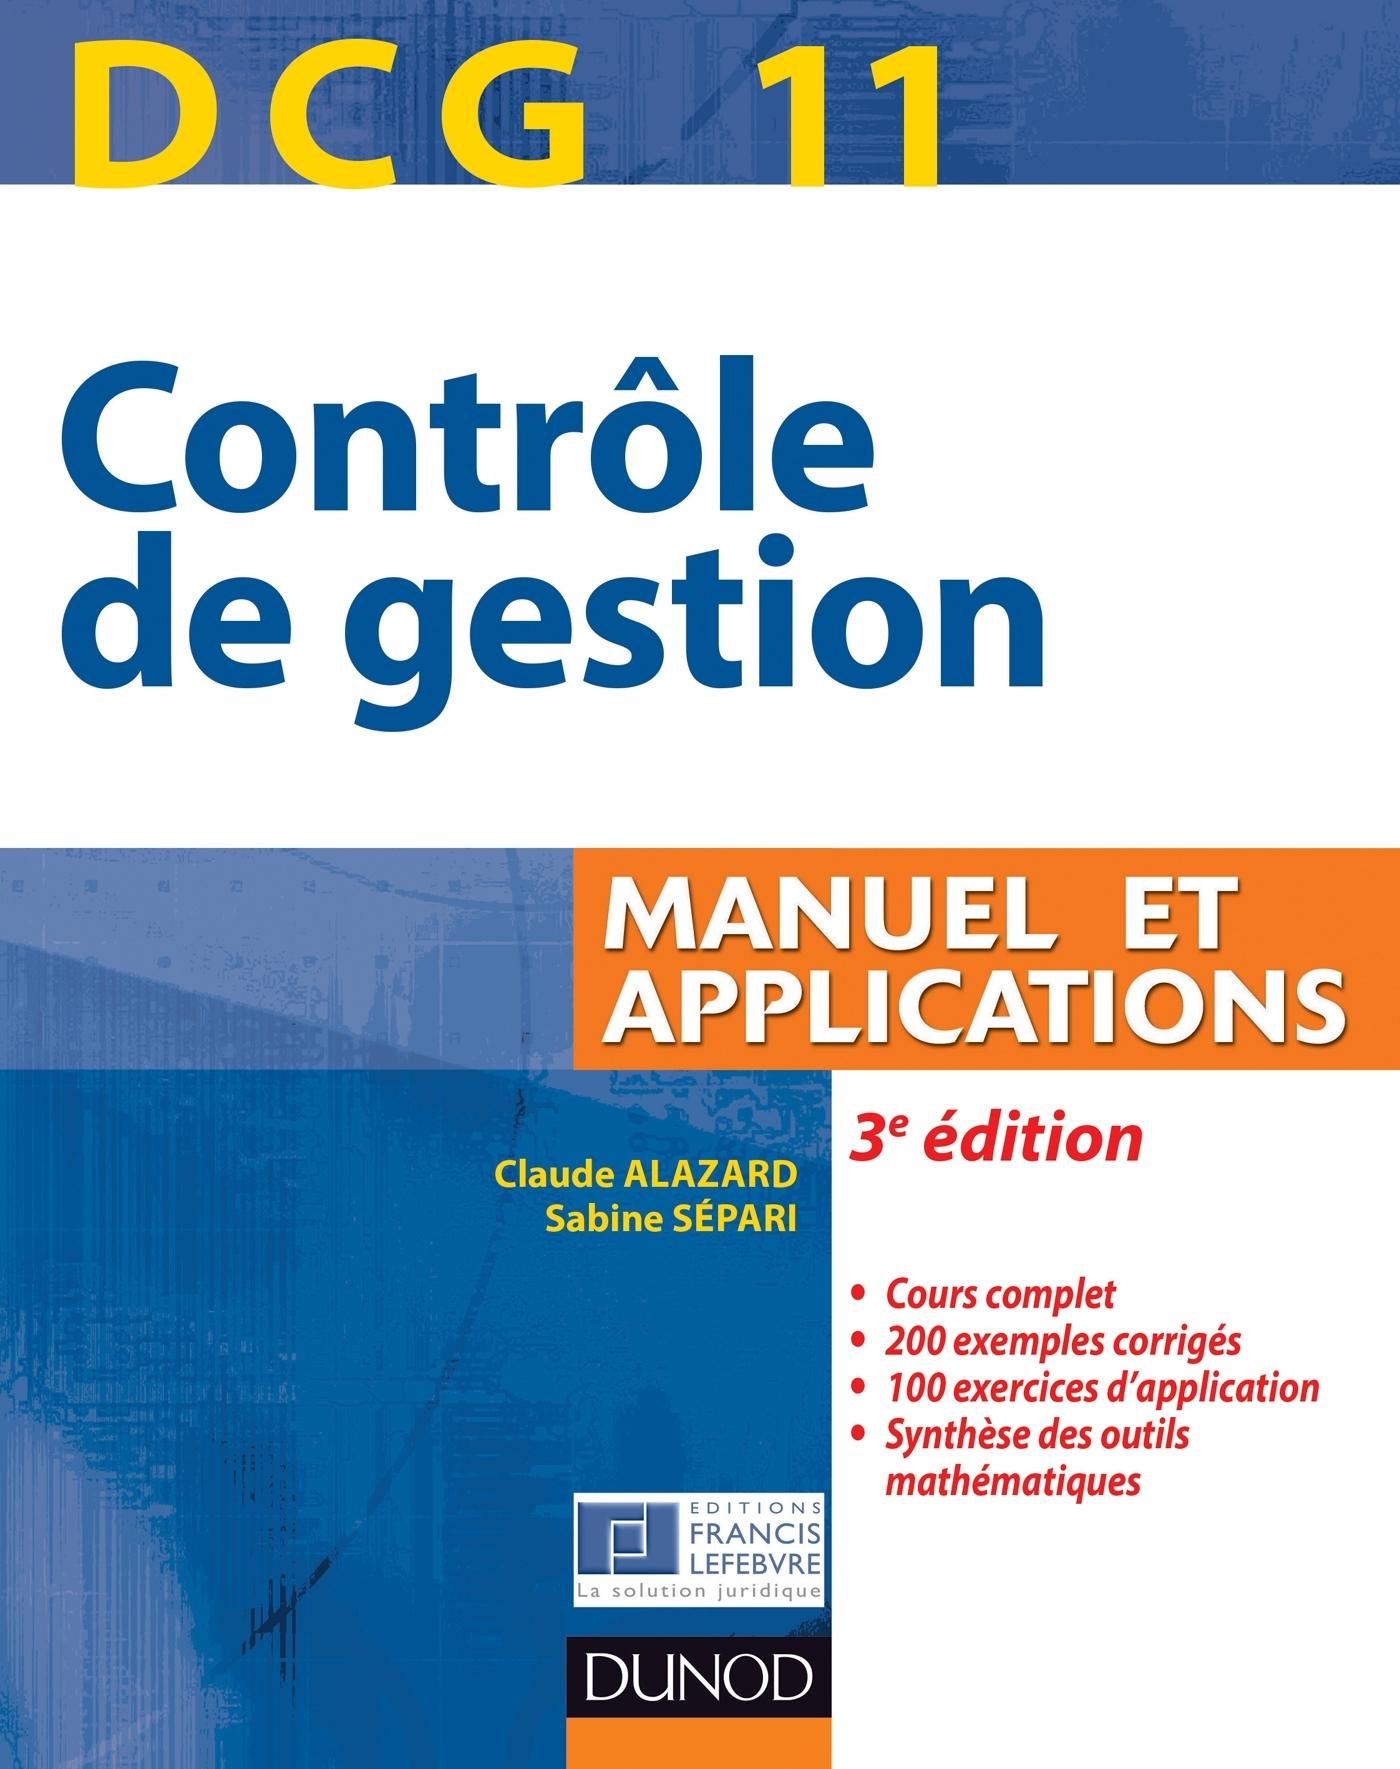 DCG 11 - CONTROLE DE GESTION - 3E EDITION - MANUEL ET APPLICATIONS